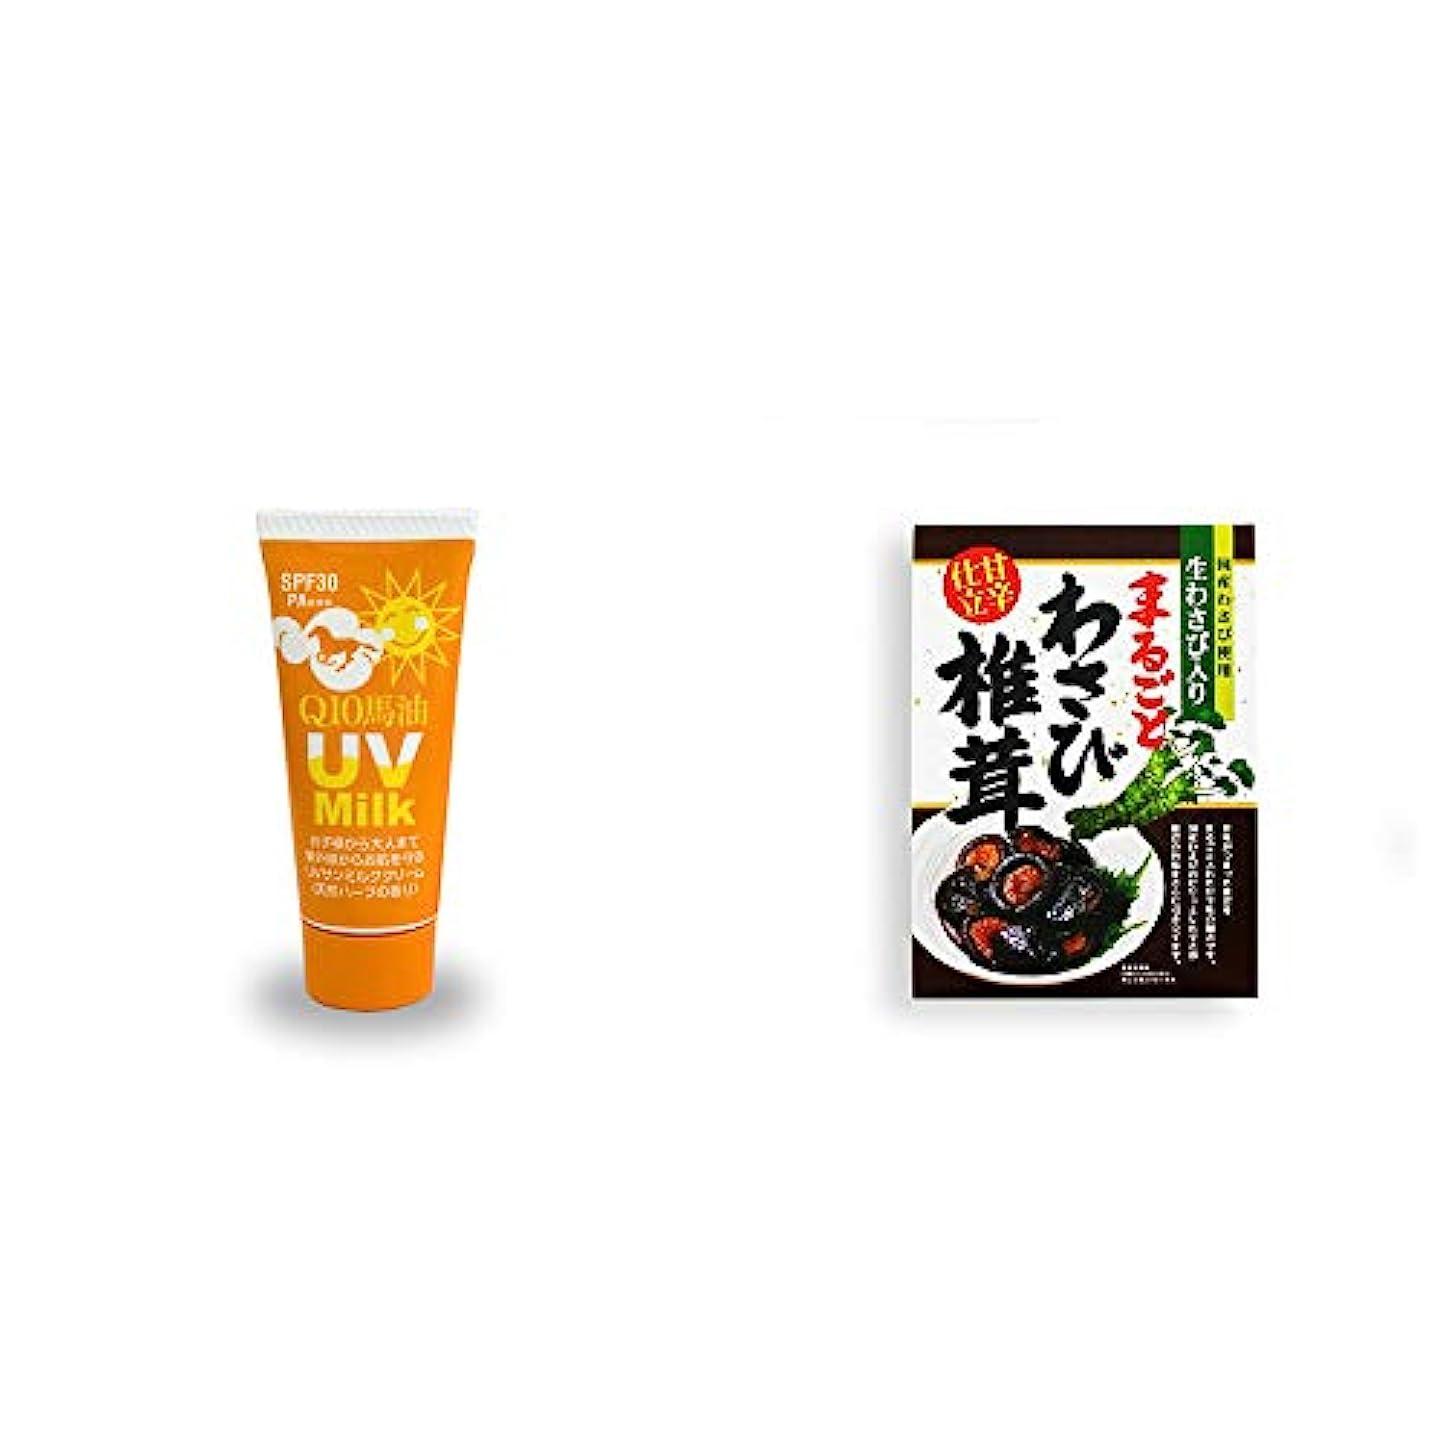 韓国語有益猫背[2点セット] 炭黒泉 Q10馬油 UVサンミルク[天然ハーブ](40g)?まるごとわさび椎茸(200g)